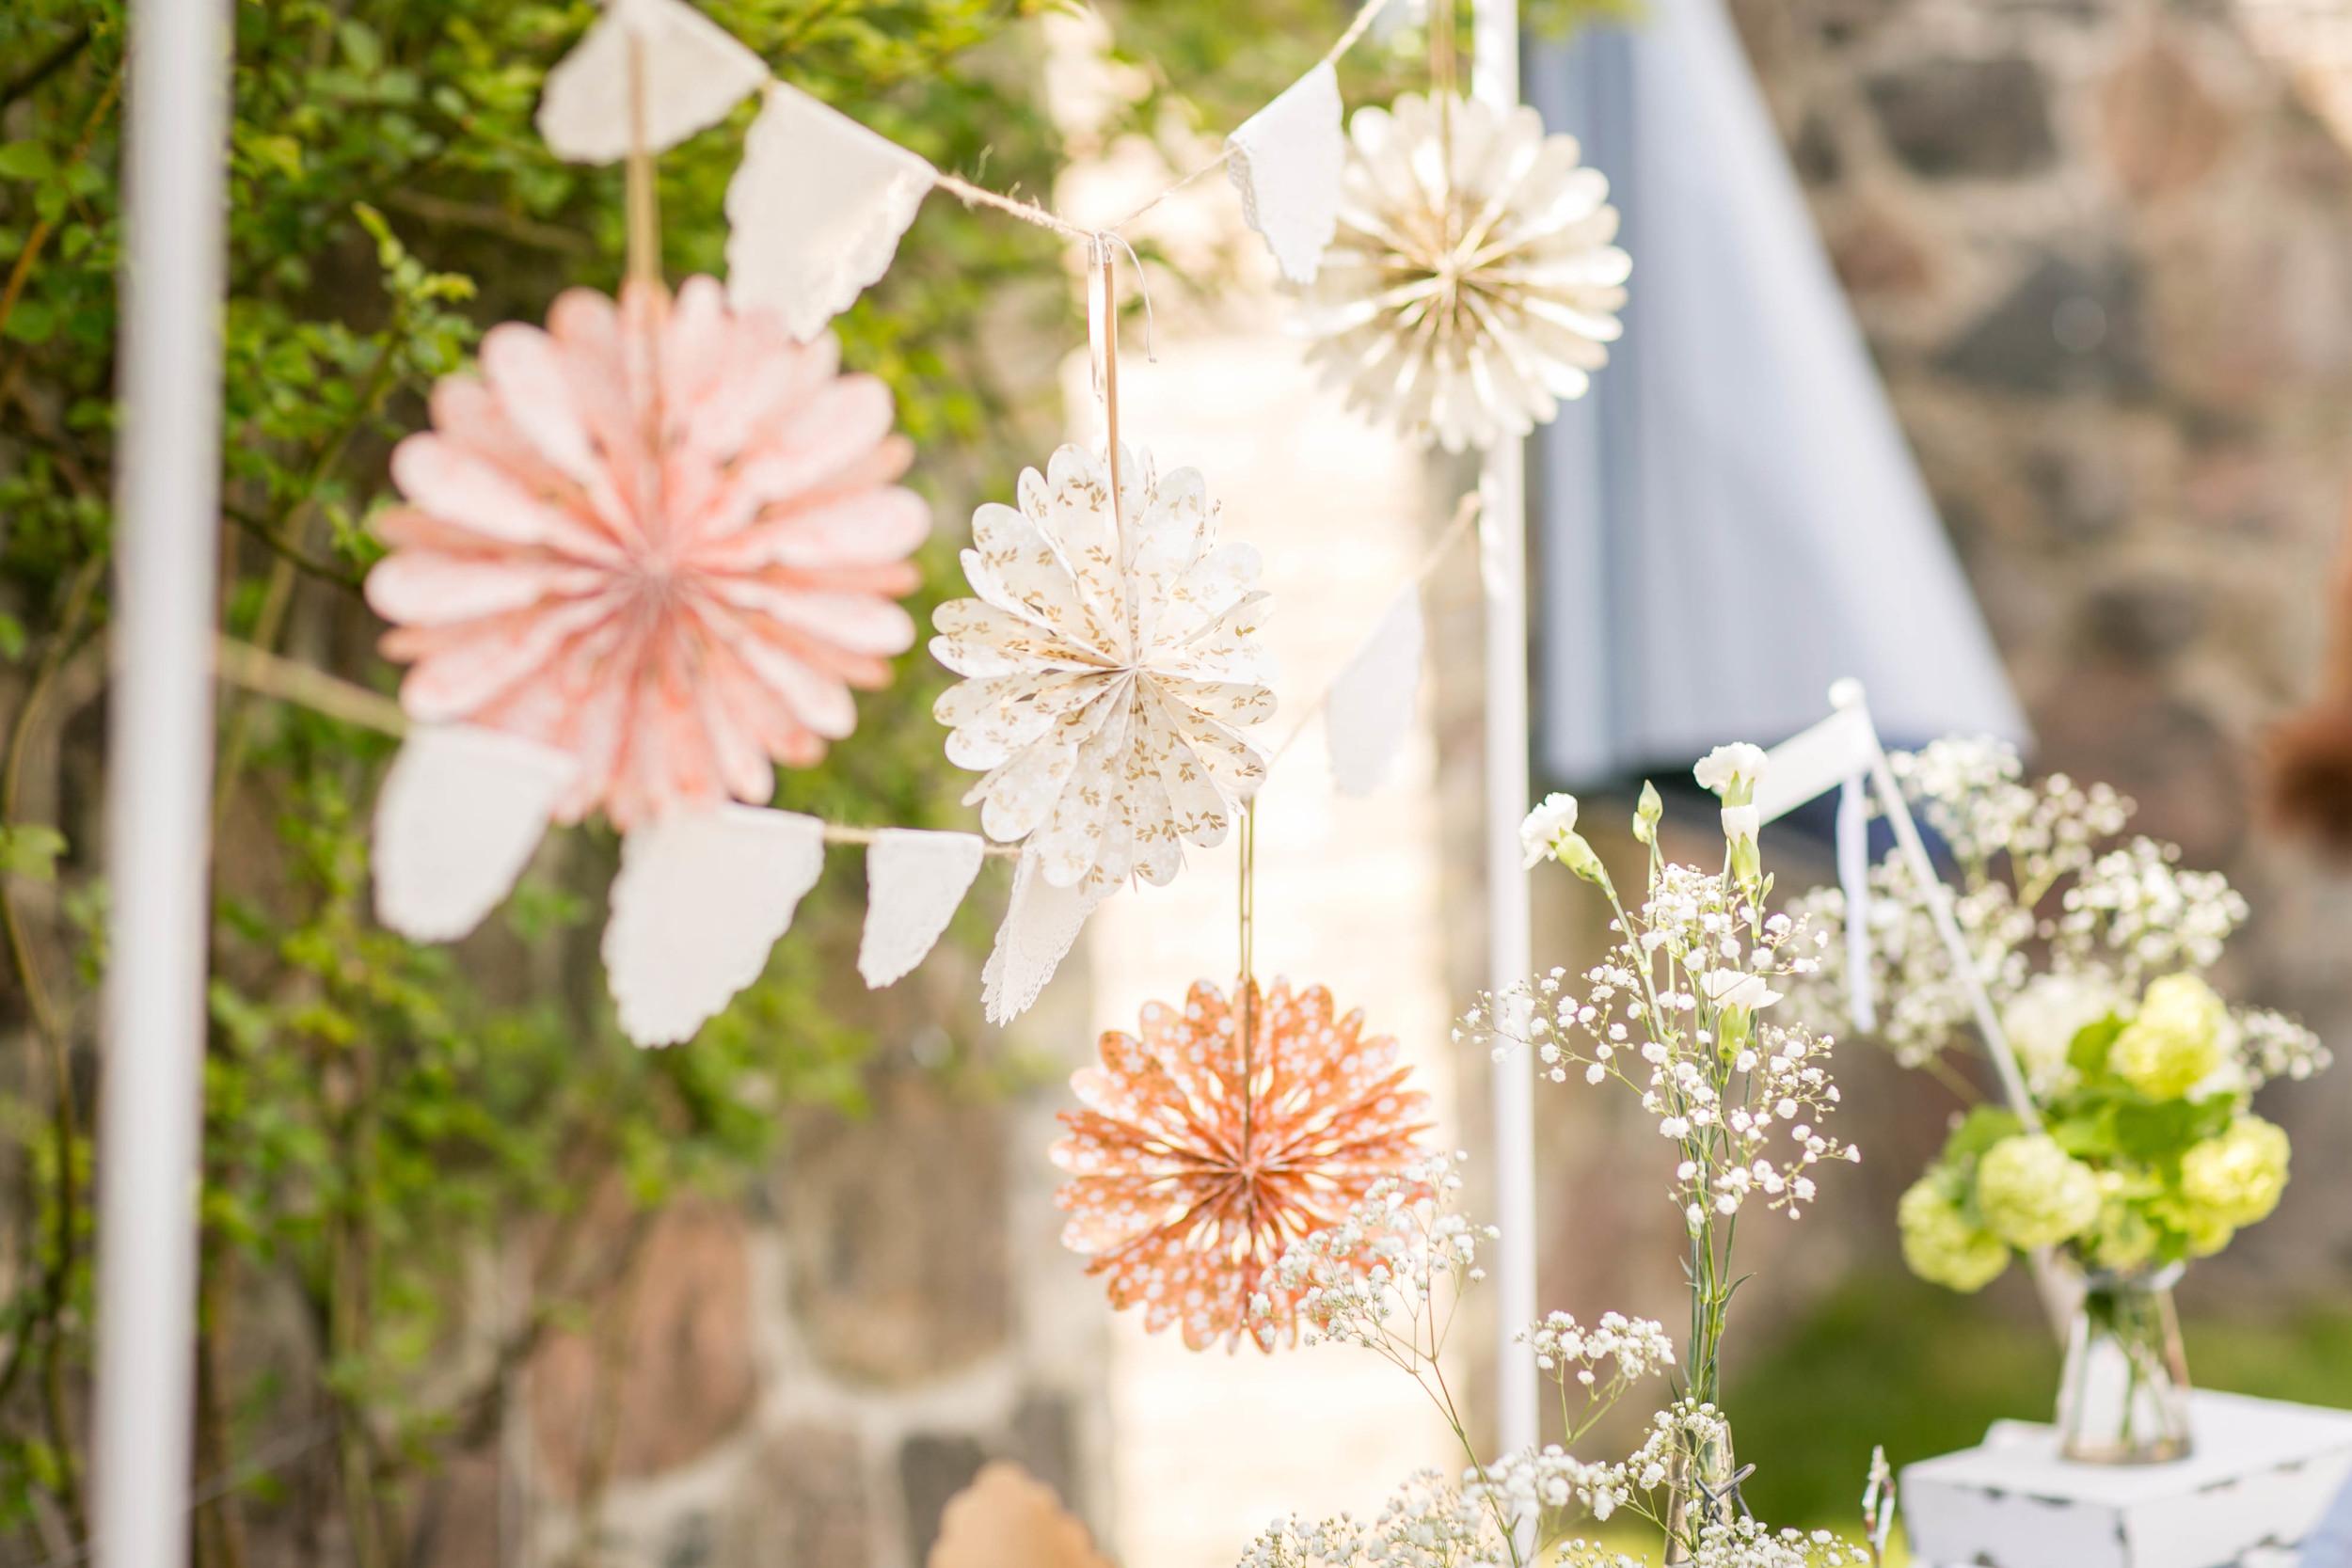 Berlin Hochzeitsfotografin Gartenglueck Wegendorf Hochzeitsreportage-33.jpg